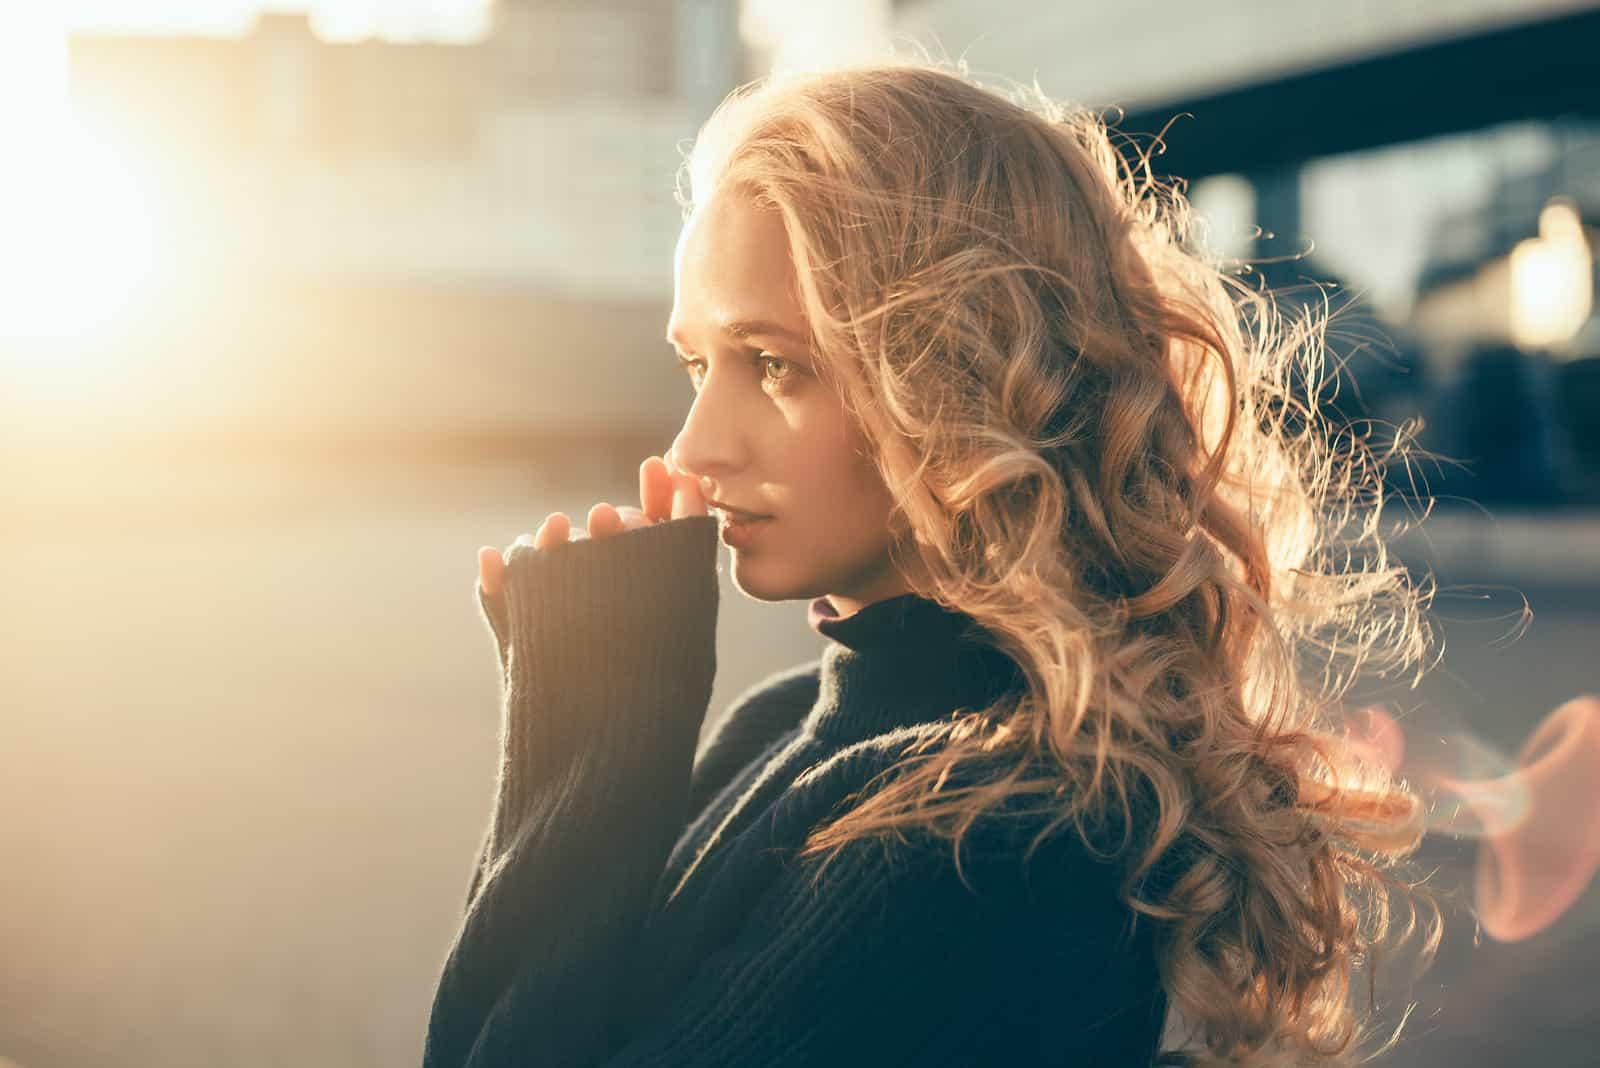 Eine schöne Blondine in einem schwarzen Pullover steht draußen und denkt nach